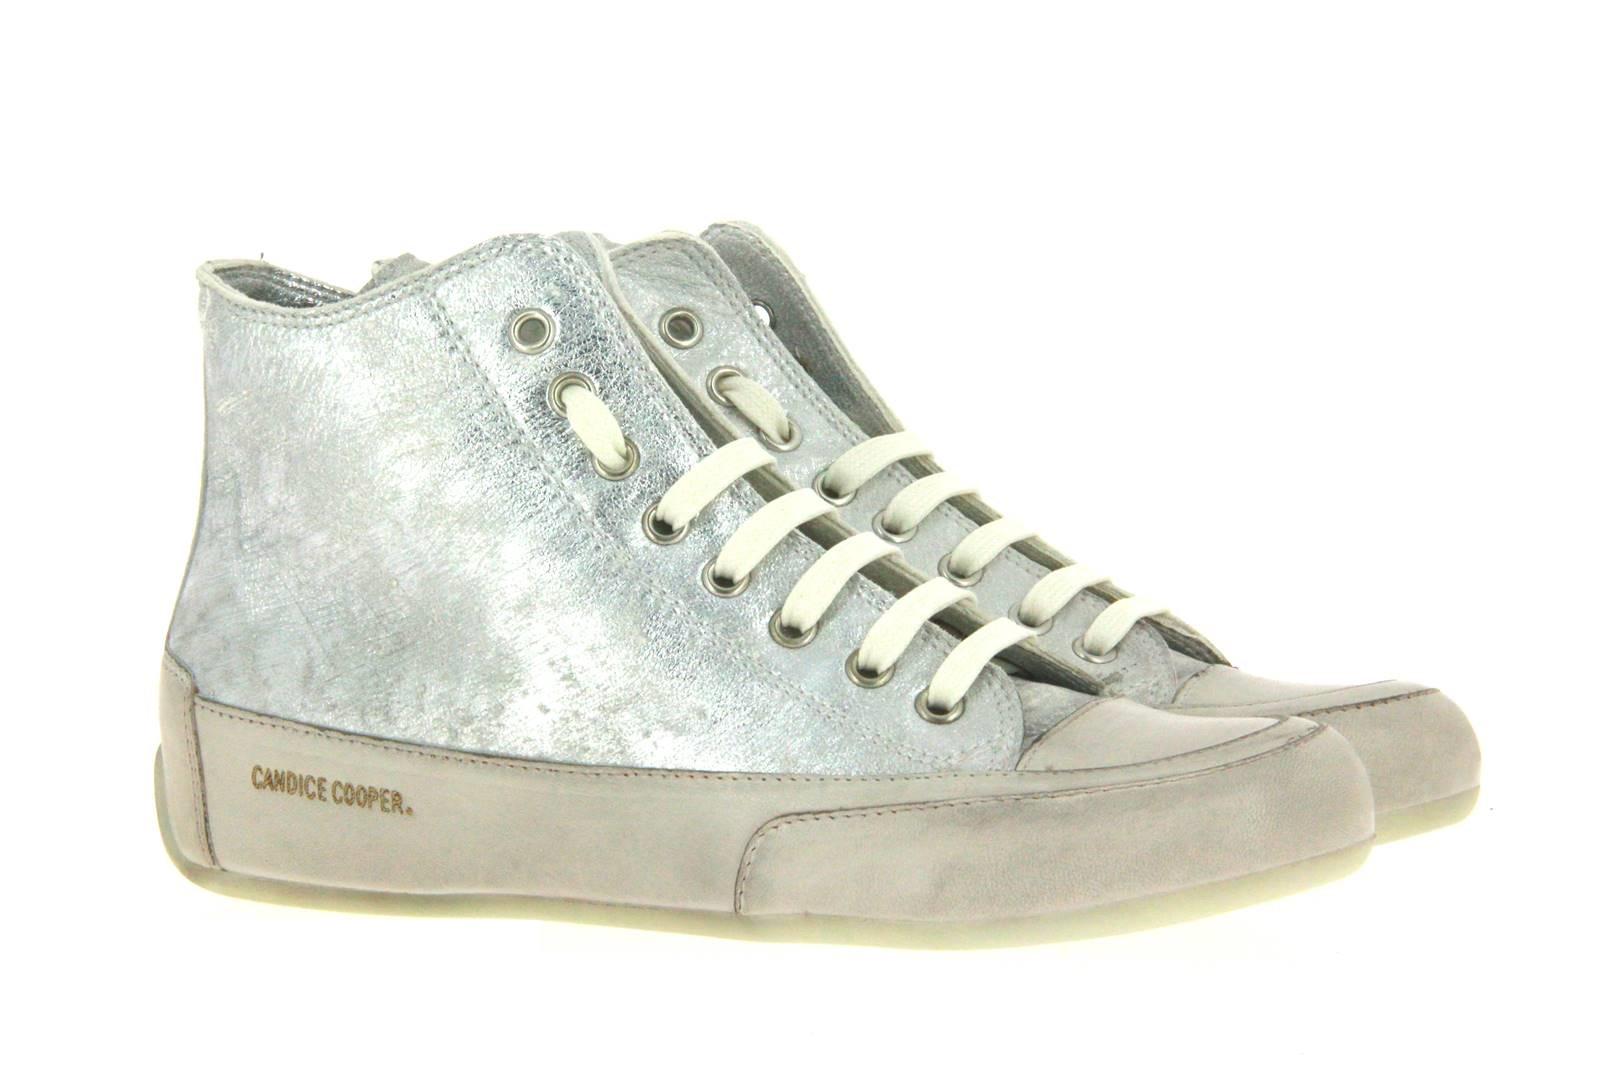 Candice Cooper Sneaker PLUS ZIP BIANCO (35)